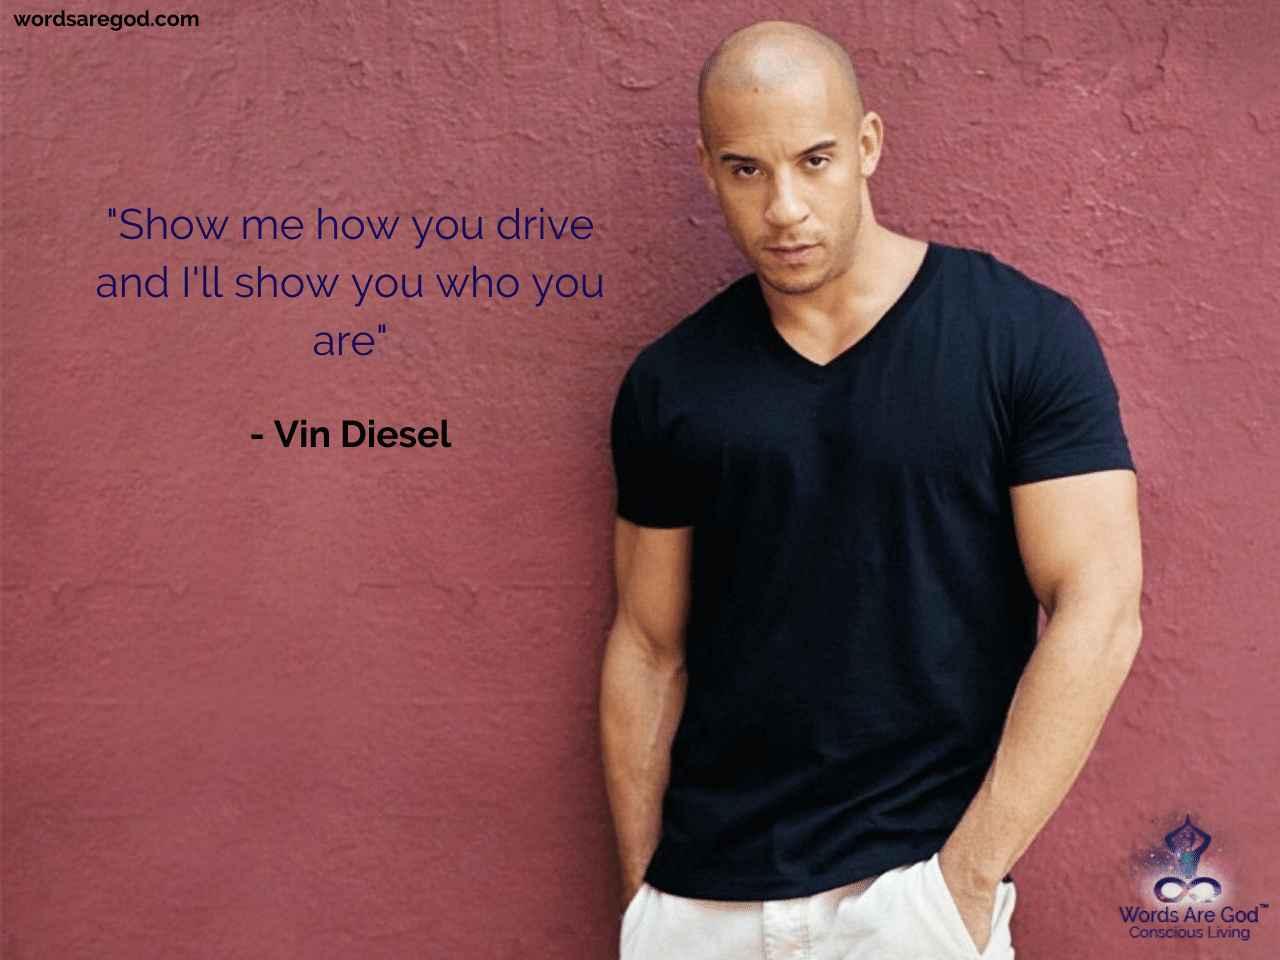 Vin Diesel Best Quote